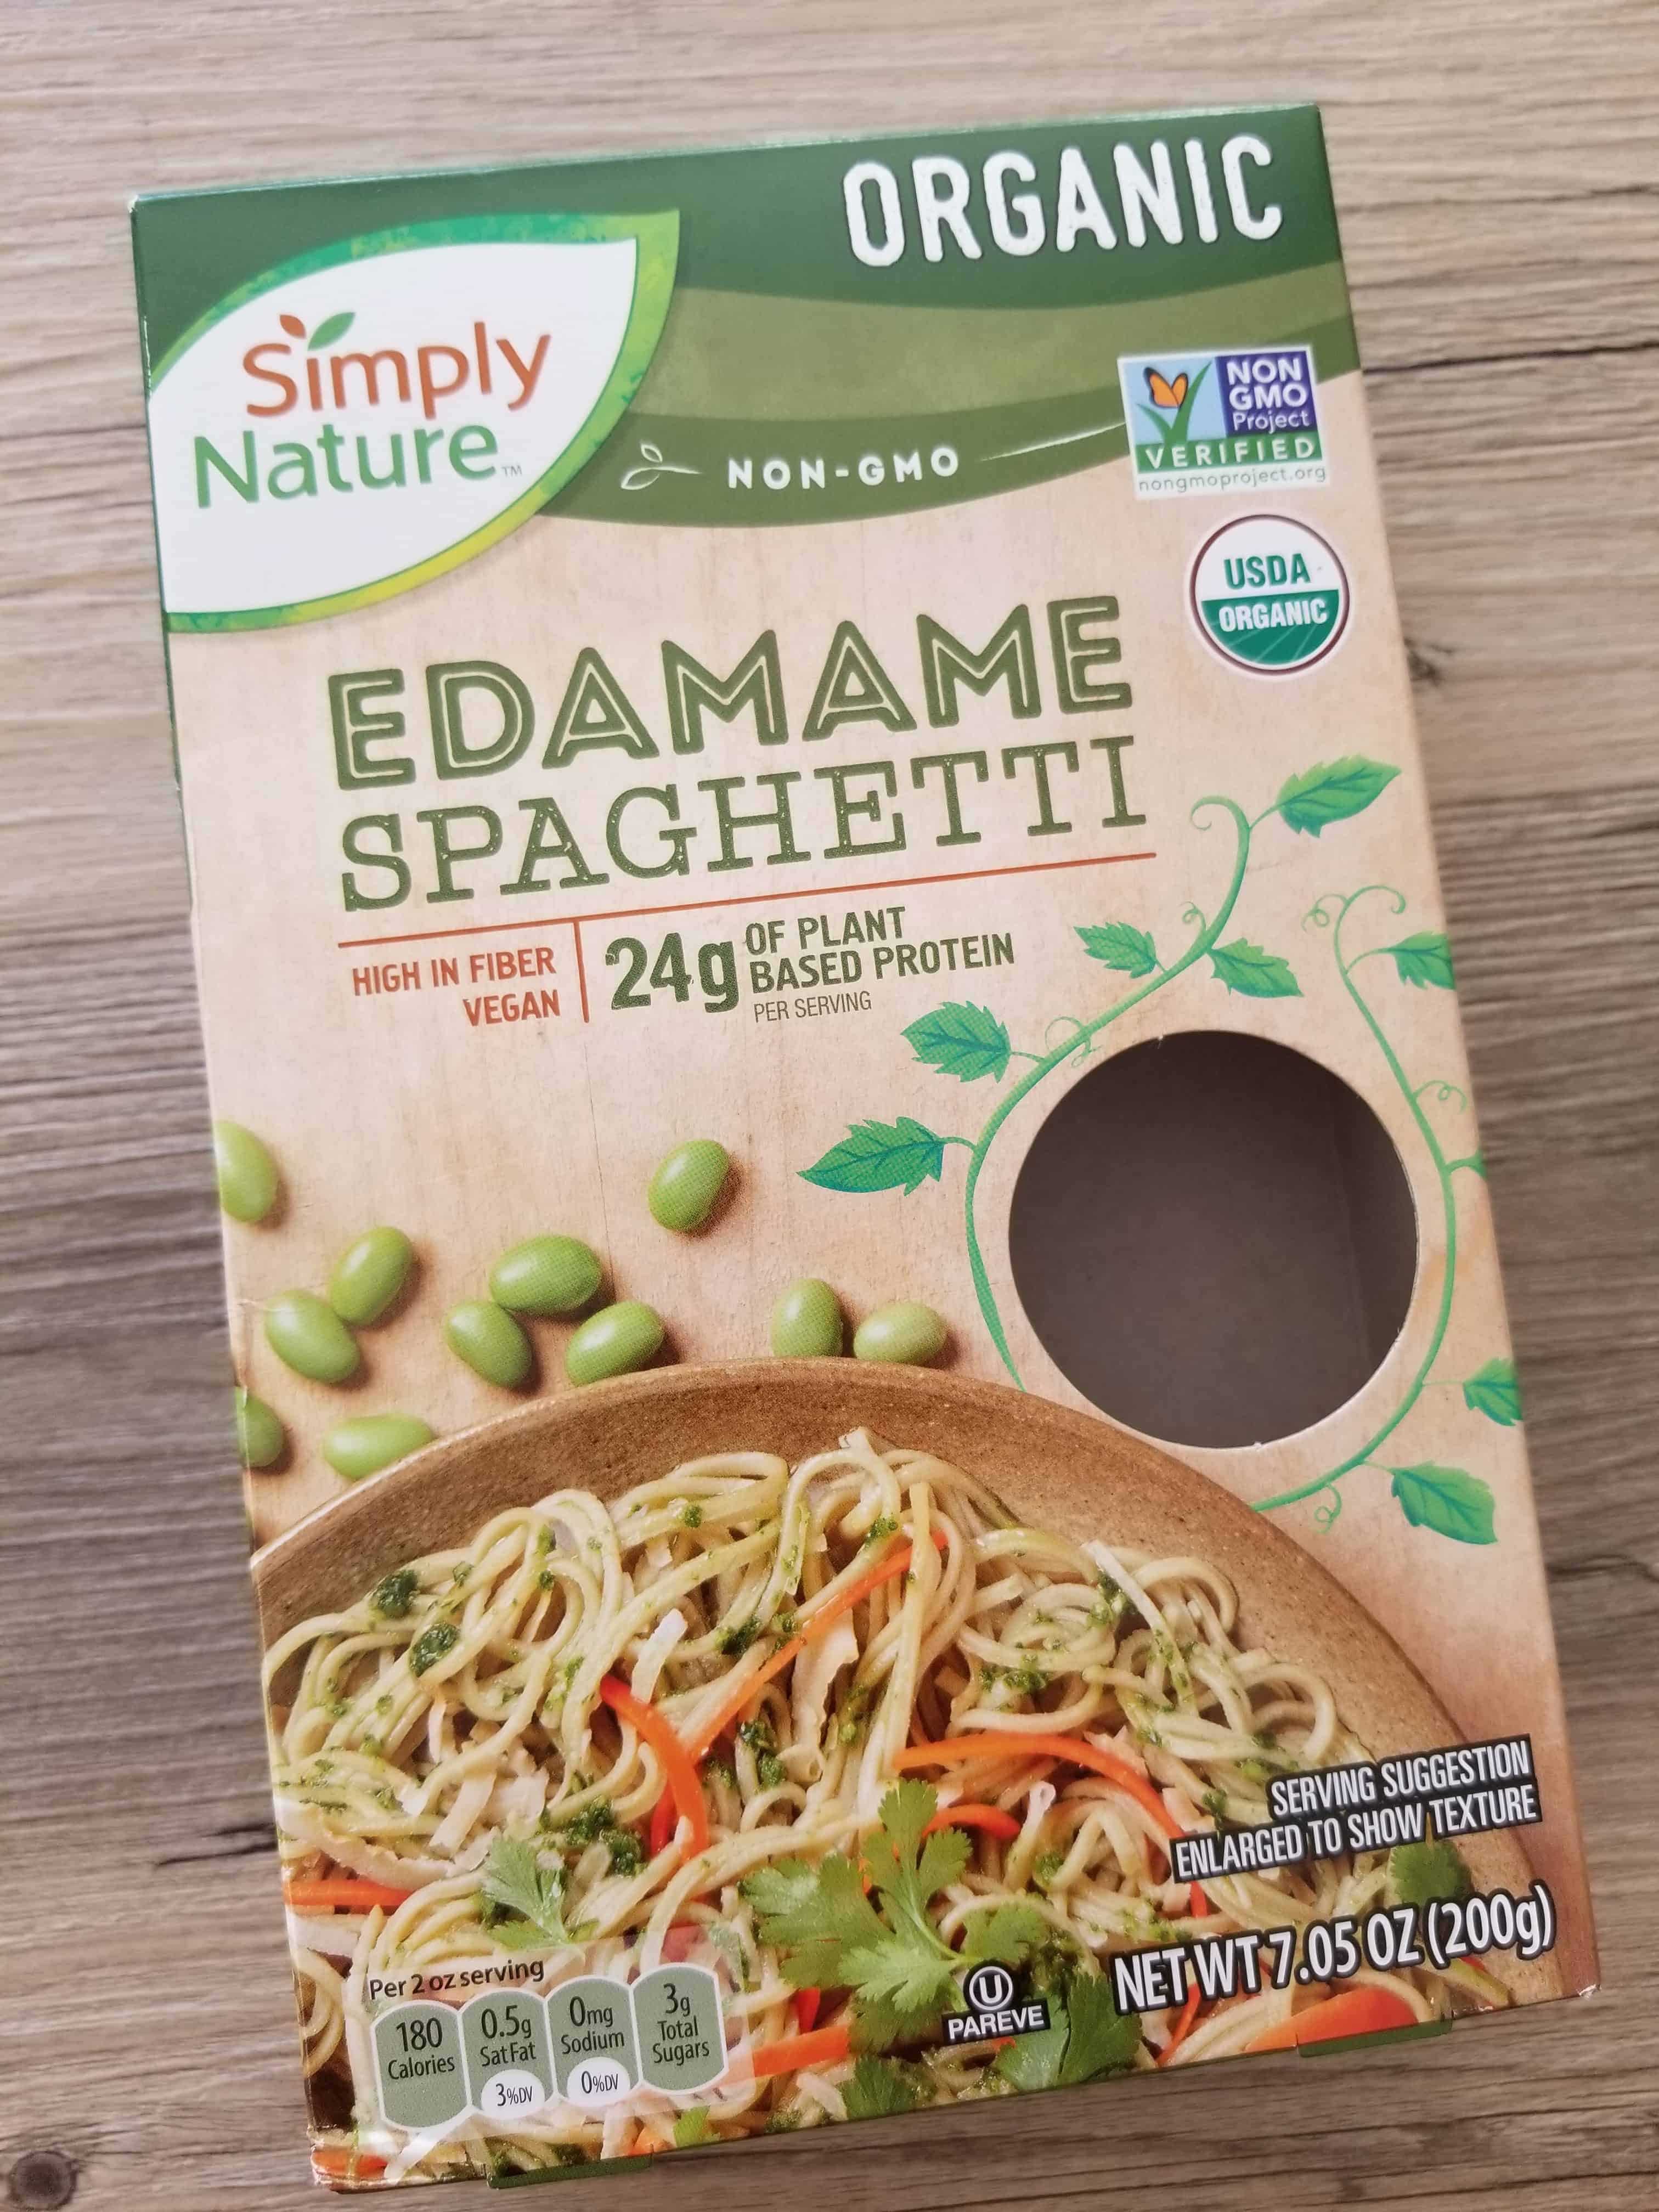 Aldi's simply nature organic edamame spaghetti non gmo gluten free vegan high protein